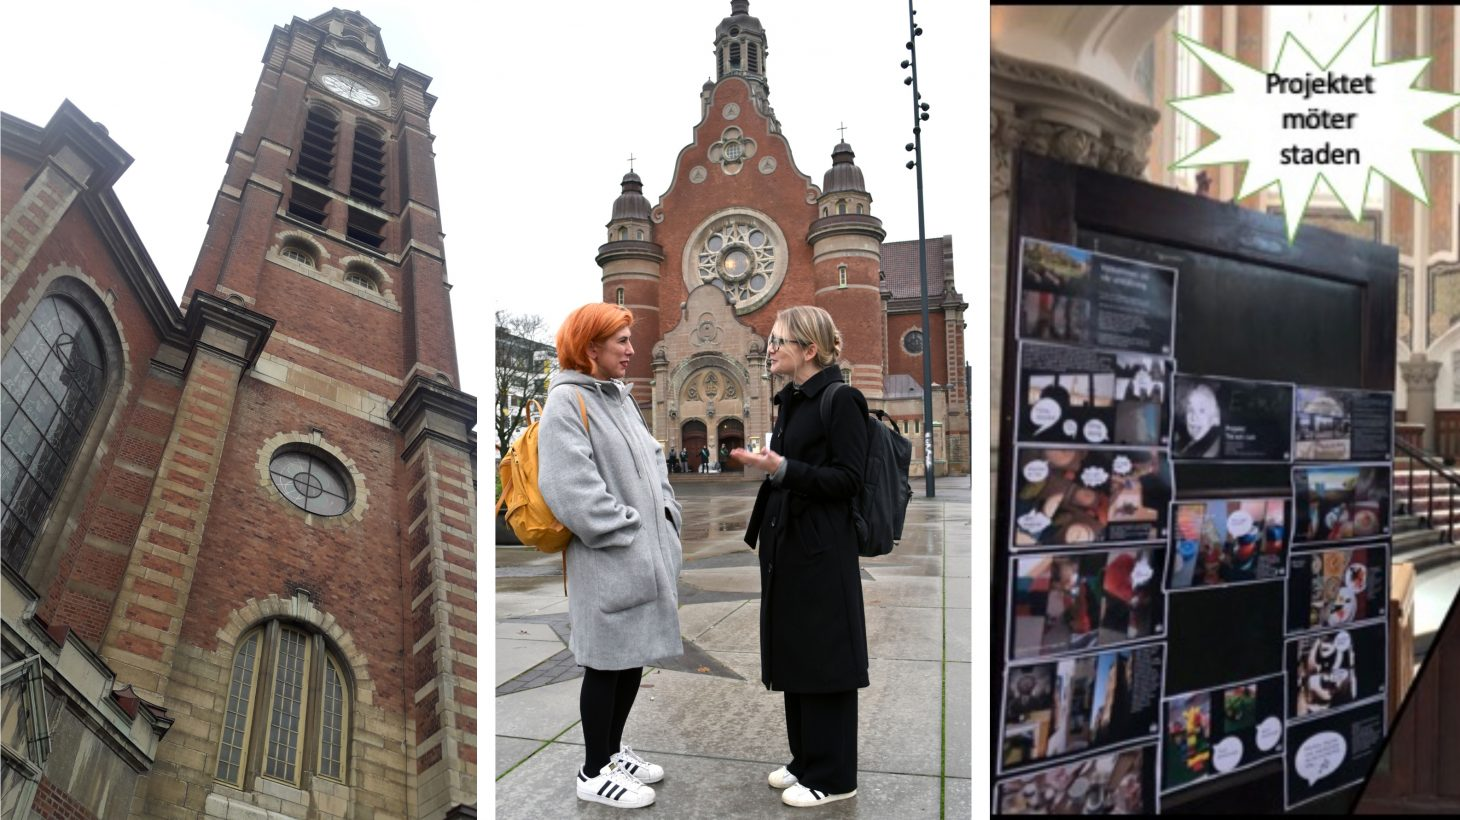 Två kvinnor utanför Johanneskyrkan i Malmö i collage med exteriör och interiörbild från kyrkan.